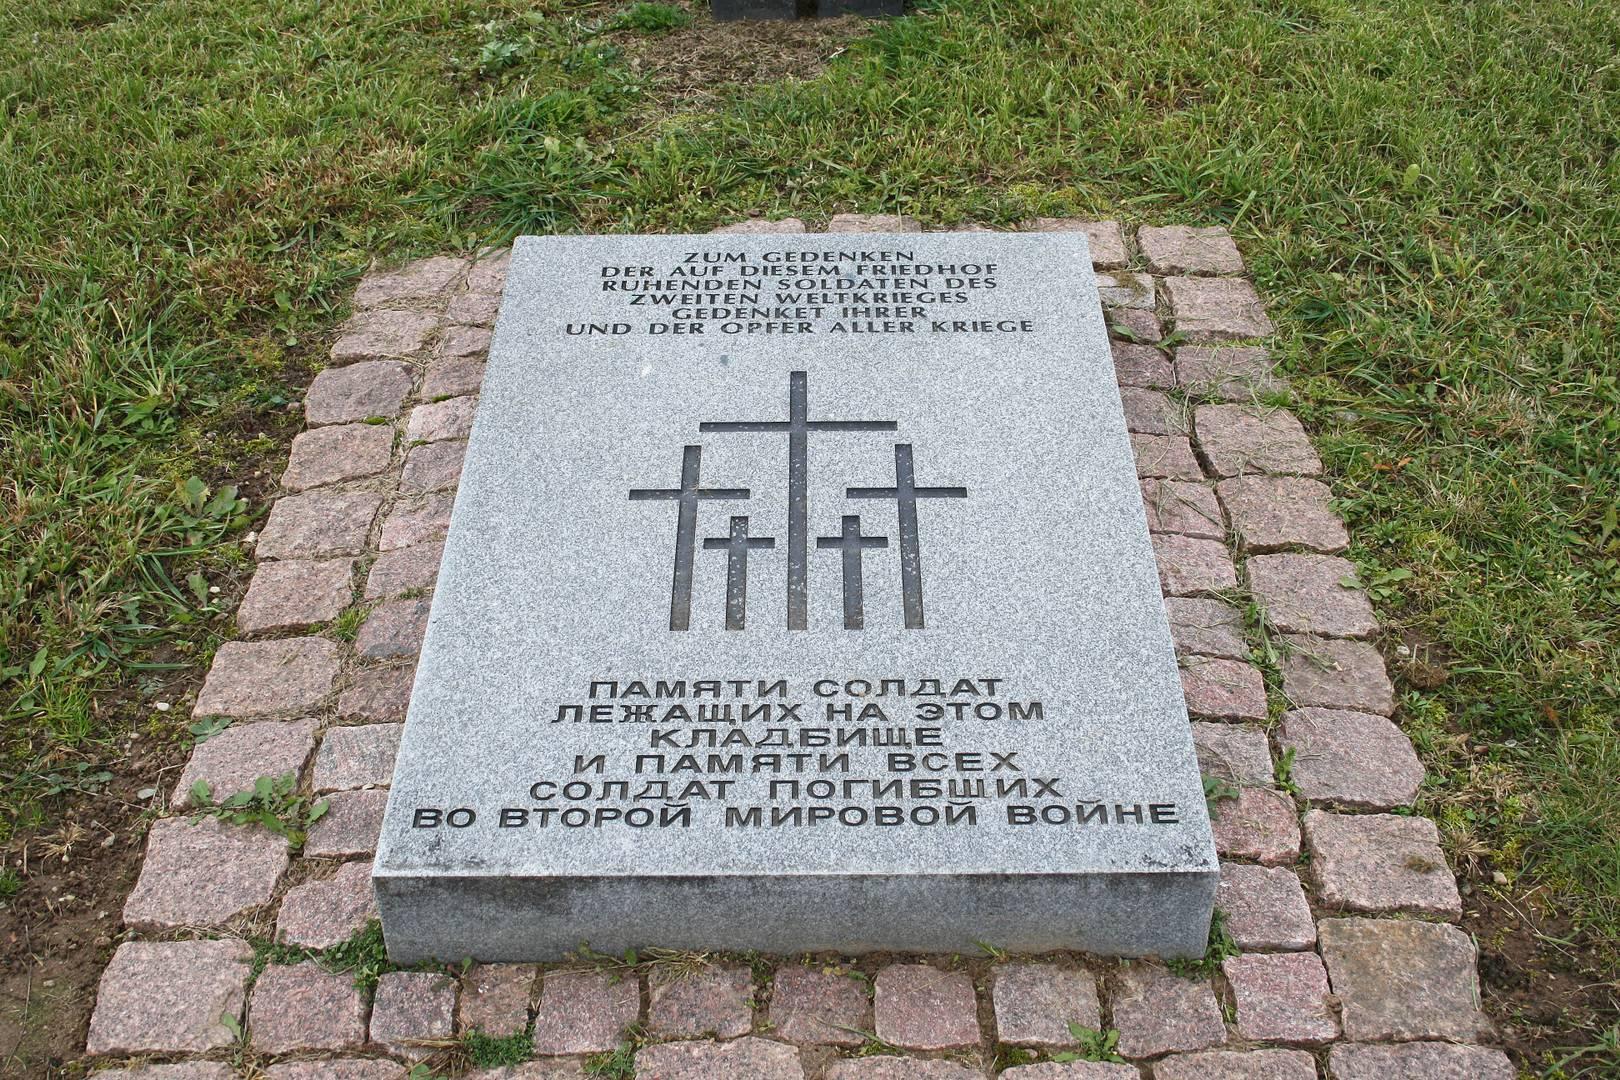 Плита с символикой Народного союза Германии по уходу за военными захоронениями на немецком военном захоронении в г. Себеж, Псковская область